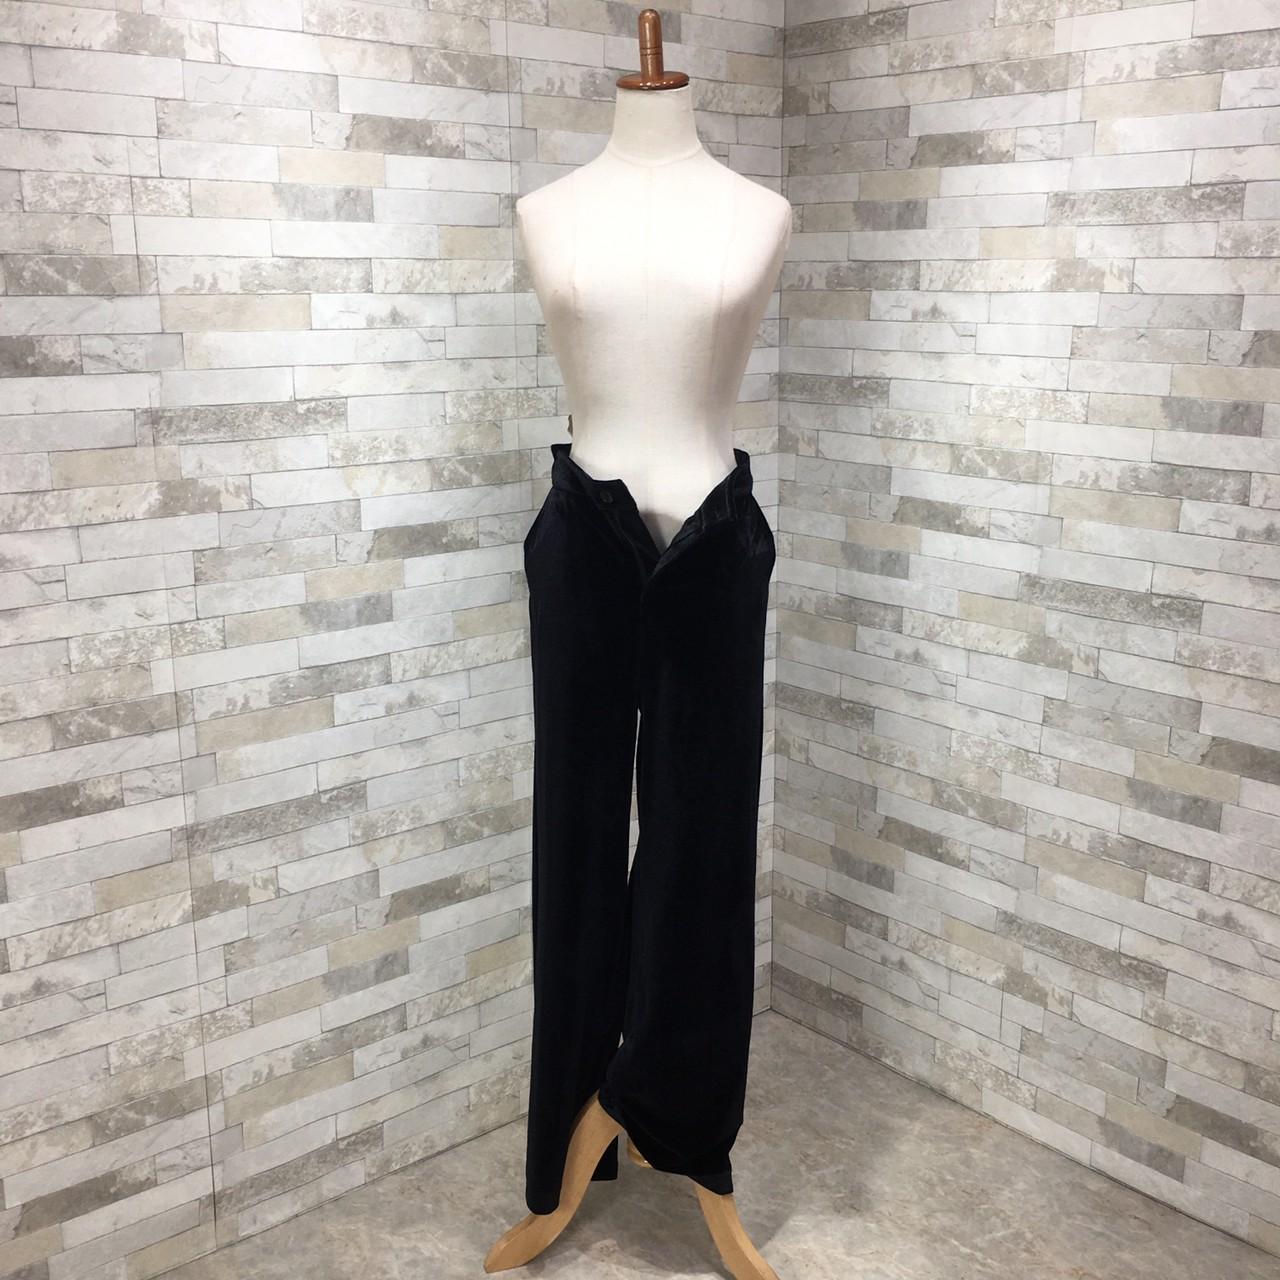 【即納】韓国 ファッション パンツ セットアップ パーティードレス 結婚式 お呼ばれドレス 秋 冬 パーティー ブライダル SPTXH554  起毛 ドレープ テーラードジャ 二次会 セレブ きれいめの写真13枚目